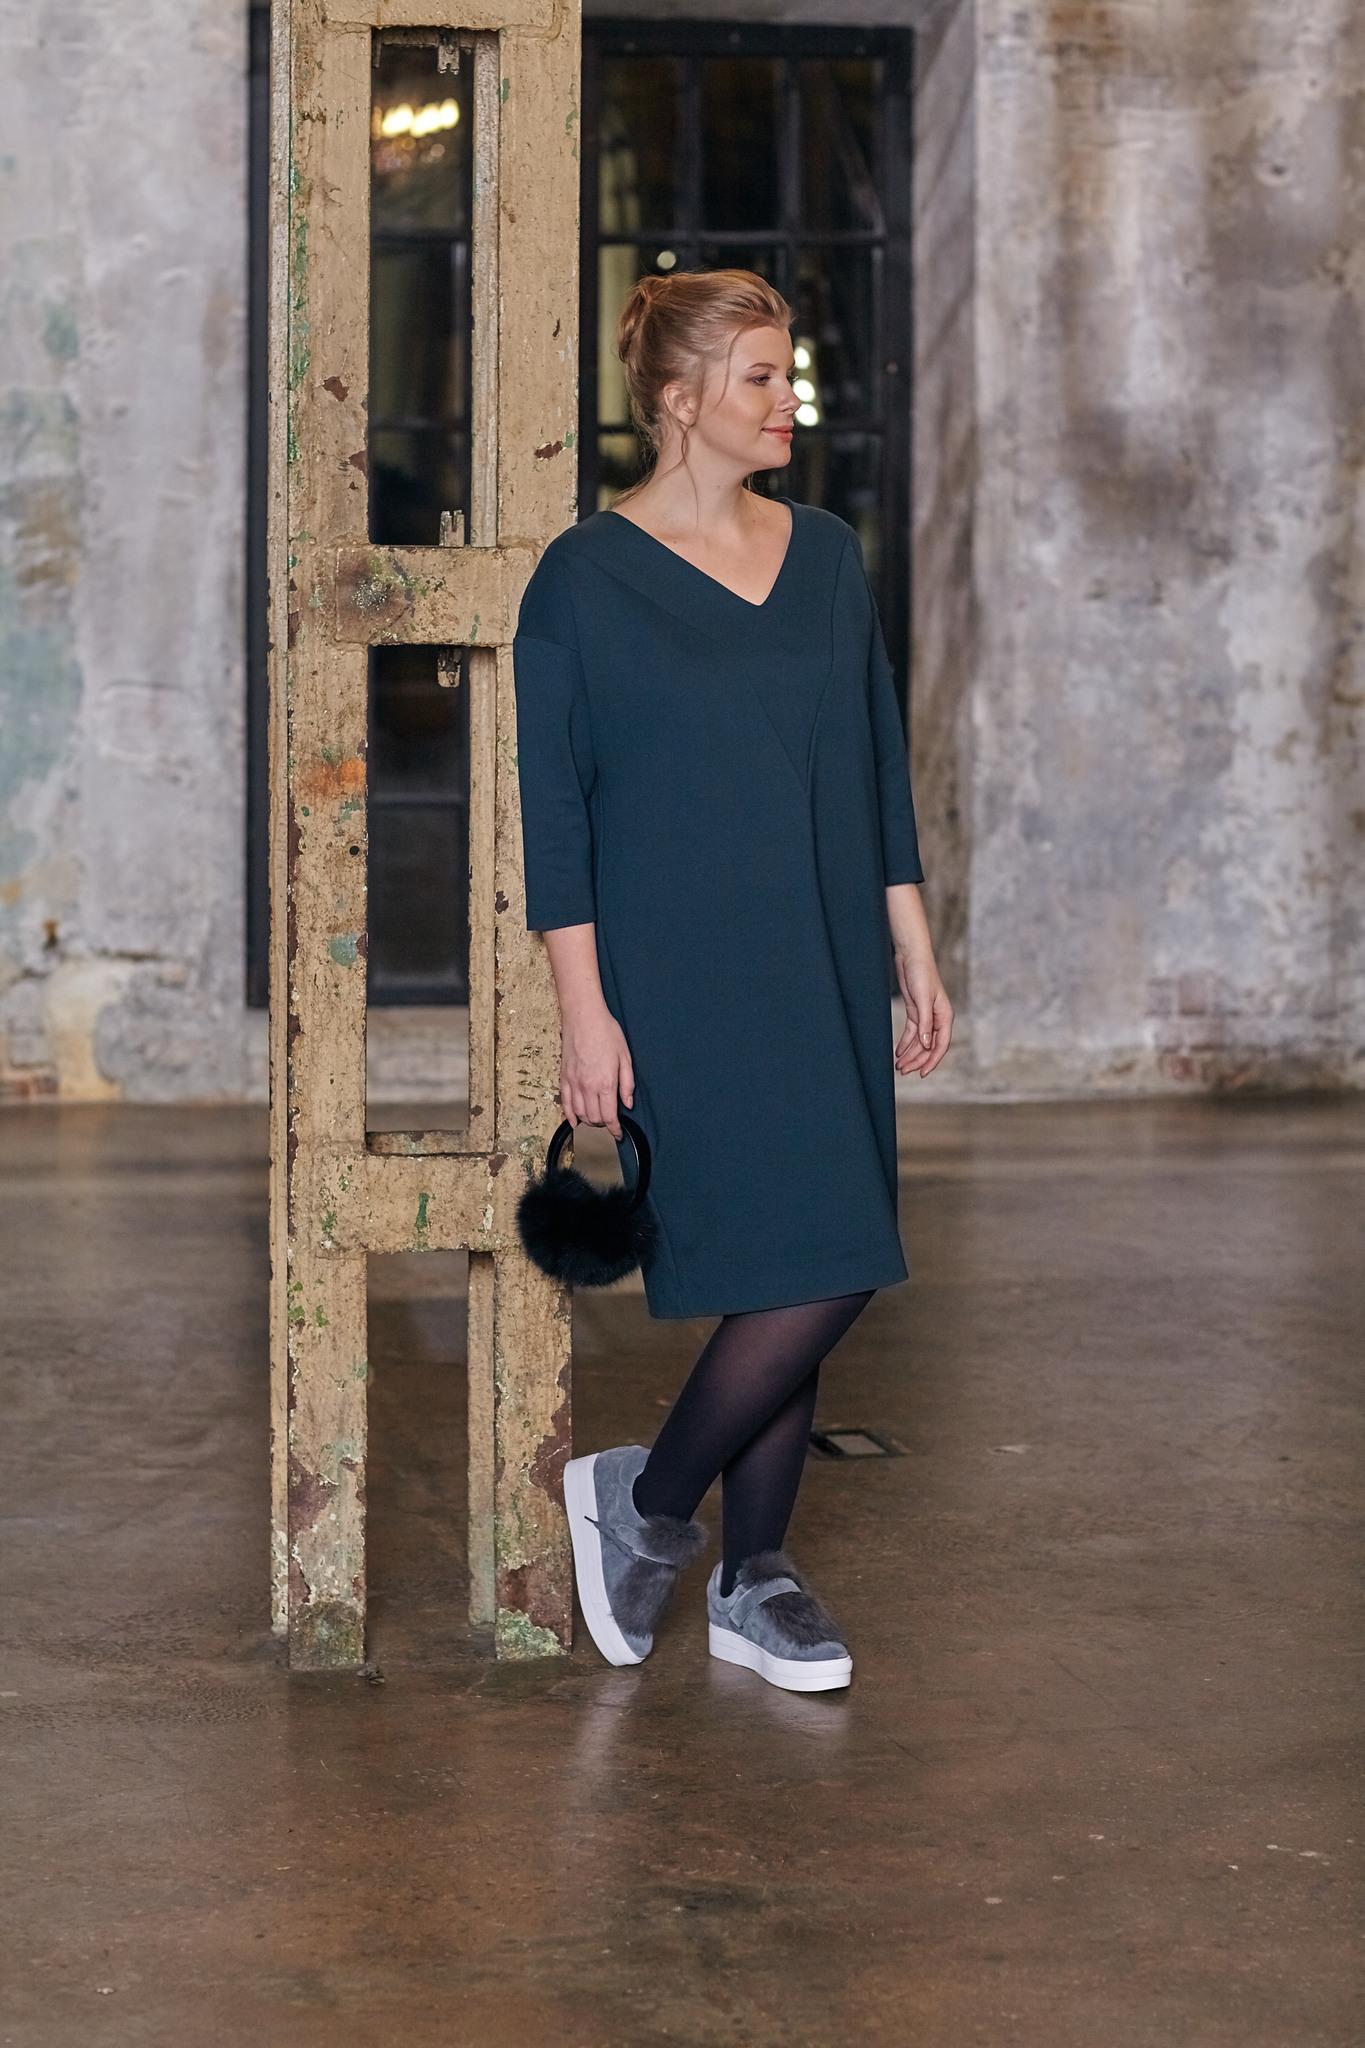 Туника BASE SW1 DM34Платья<br>Это платье-туника из  плотного трикотажа никого не оставит равнодушным: V- образная горловина добавит элегантности, а трикотаж высочайшего качества- дополнительной практичности в носке и удивительного комфорта. Отлично смотрится с поясом. Рекомендуем носить с любой обувью, подходит для всех случаев жизни.Идеально с брюками и плотными колготками.<br>